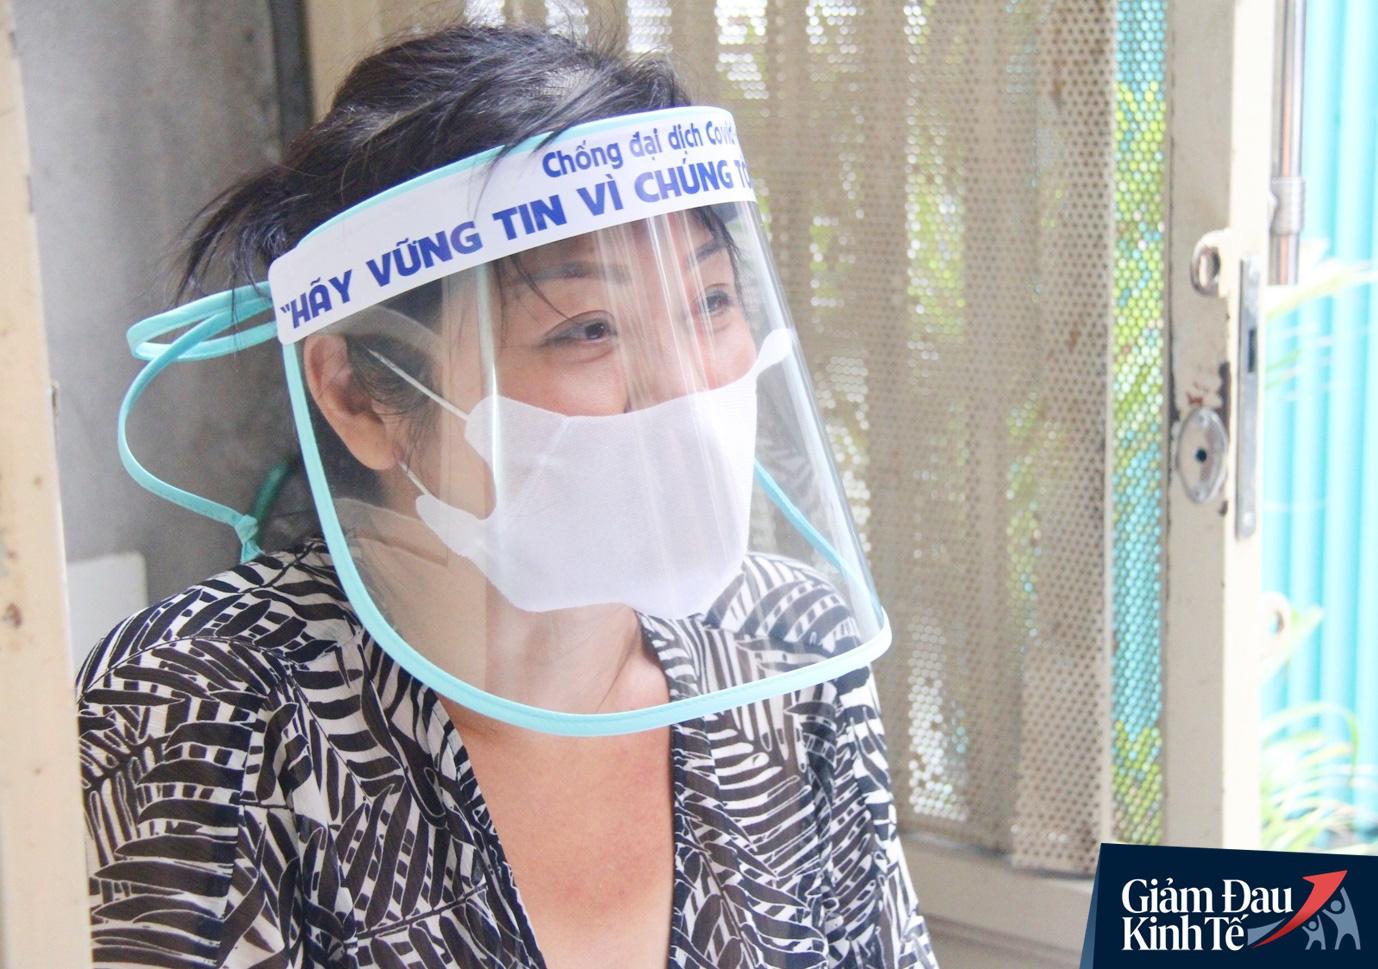 Gặp nữ tiểu thương Sài Gòn xuất hiện trên loạt báo quốc tế khi cùng nhóm bạn tự làm hơn 1.500 chiếc mặt nạ ngăn giọt bắn, tặng các y bác sĩ chống dịch Covid-19 - Ảnh 1.